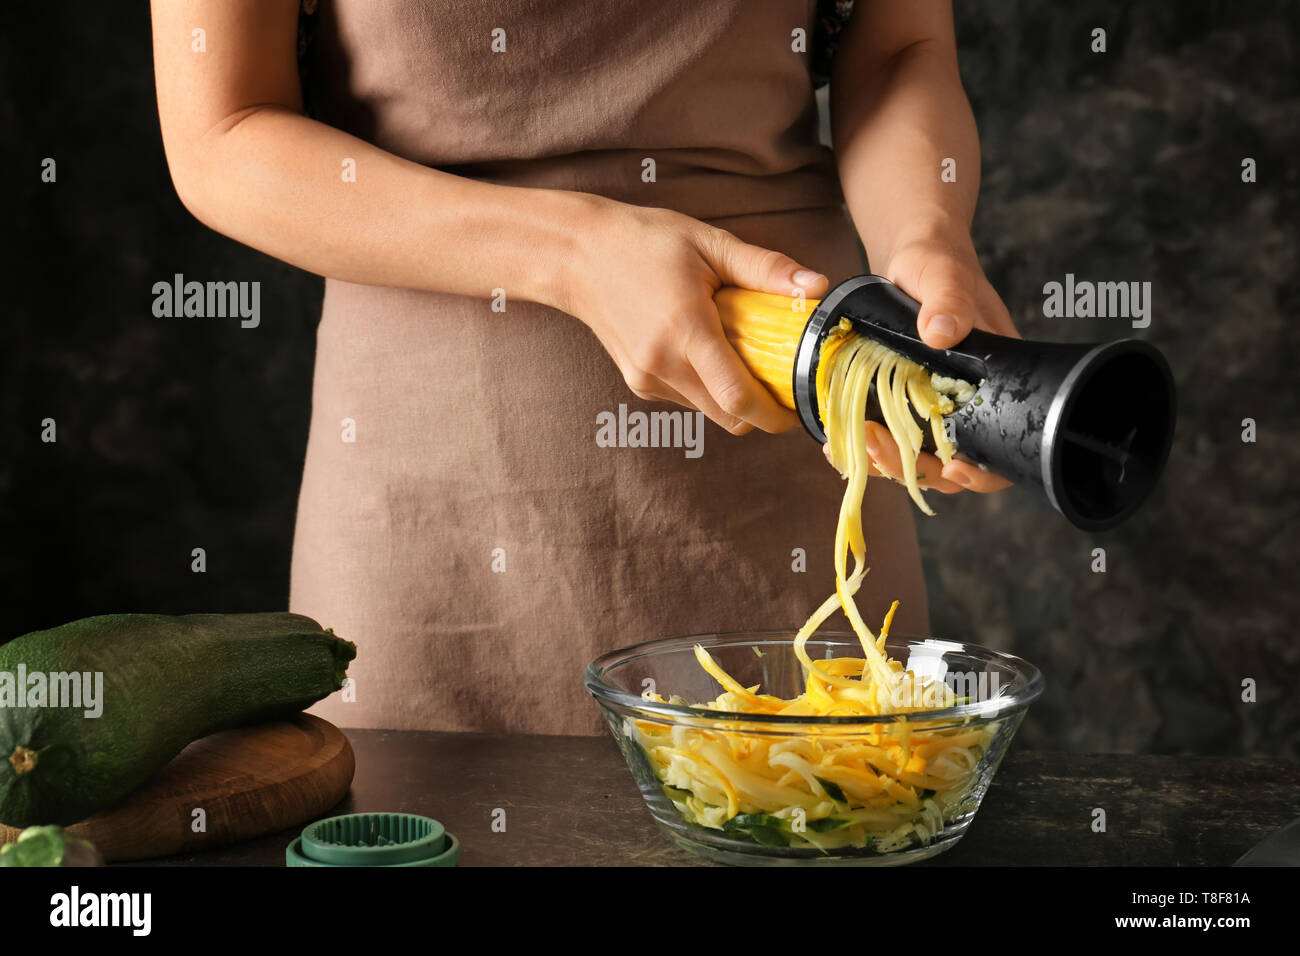 Woman making zucchini spaghetti Stock Photo